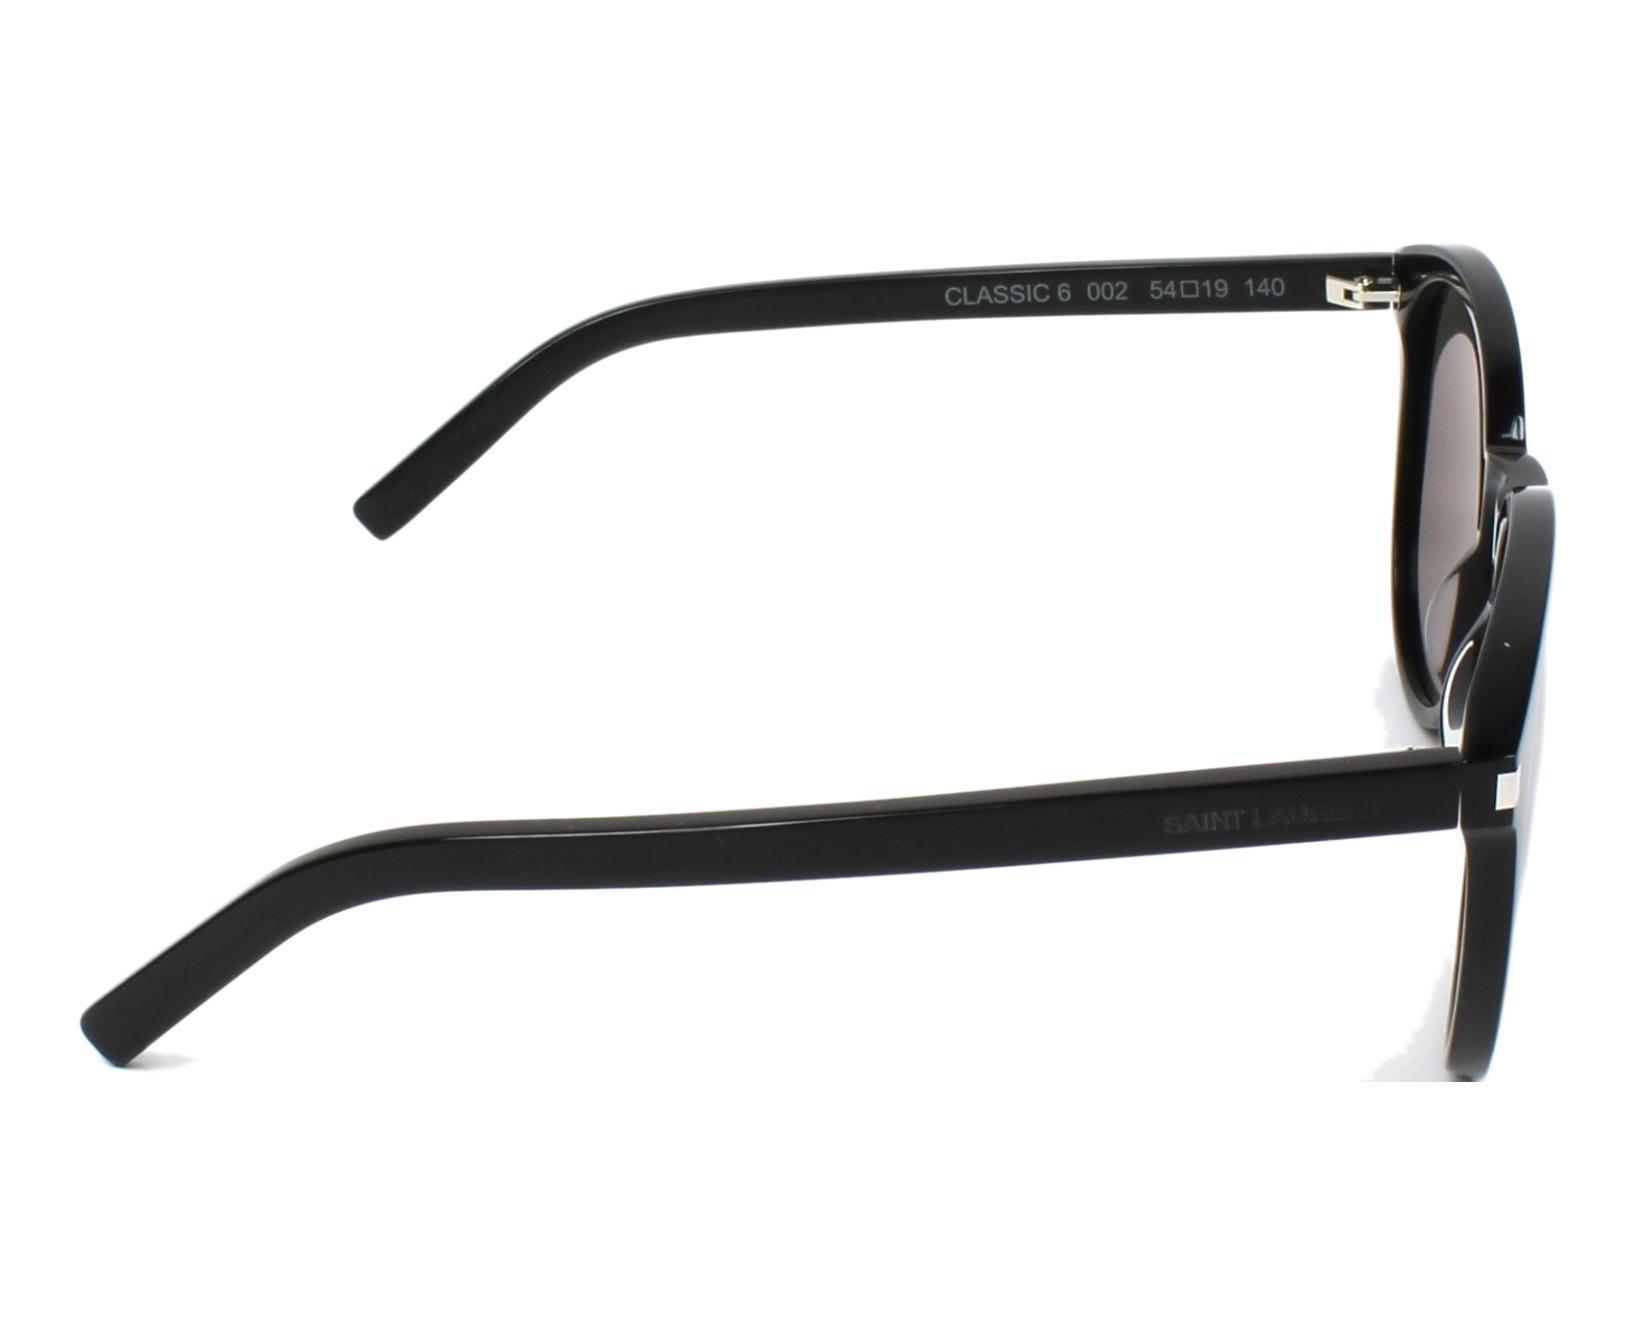 bdcc6b3b1cdb0 Lunettes de soleil Yves Saint Laurent CLASSIC-6 002 54-19 Noir vue de